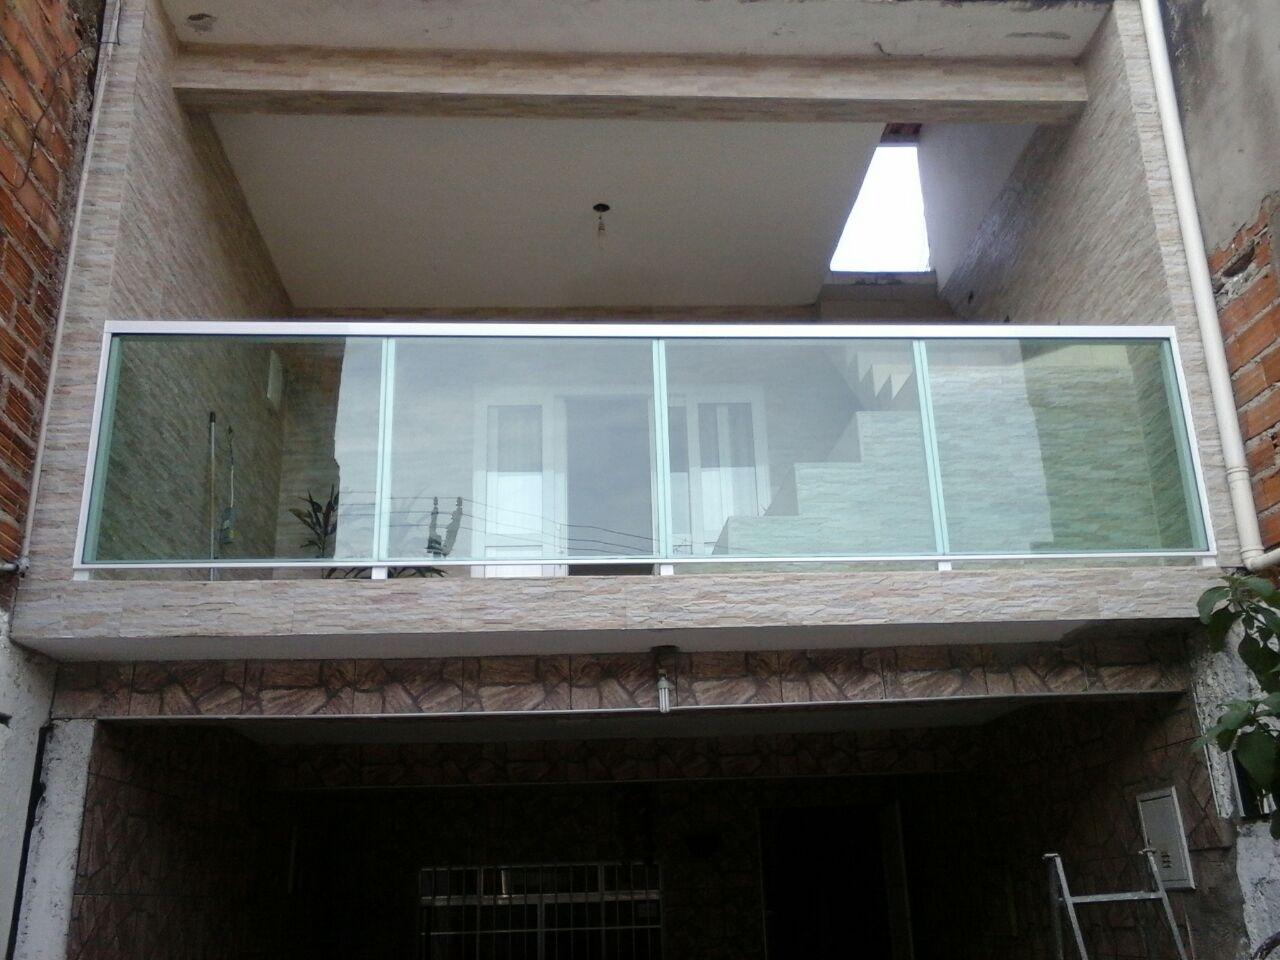 Serviços de Corrimãos de Aço Inox com Vidro na Vila Gustavo - Corrimão de Aço Inox com Vidro